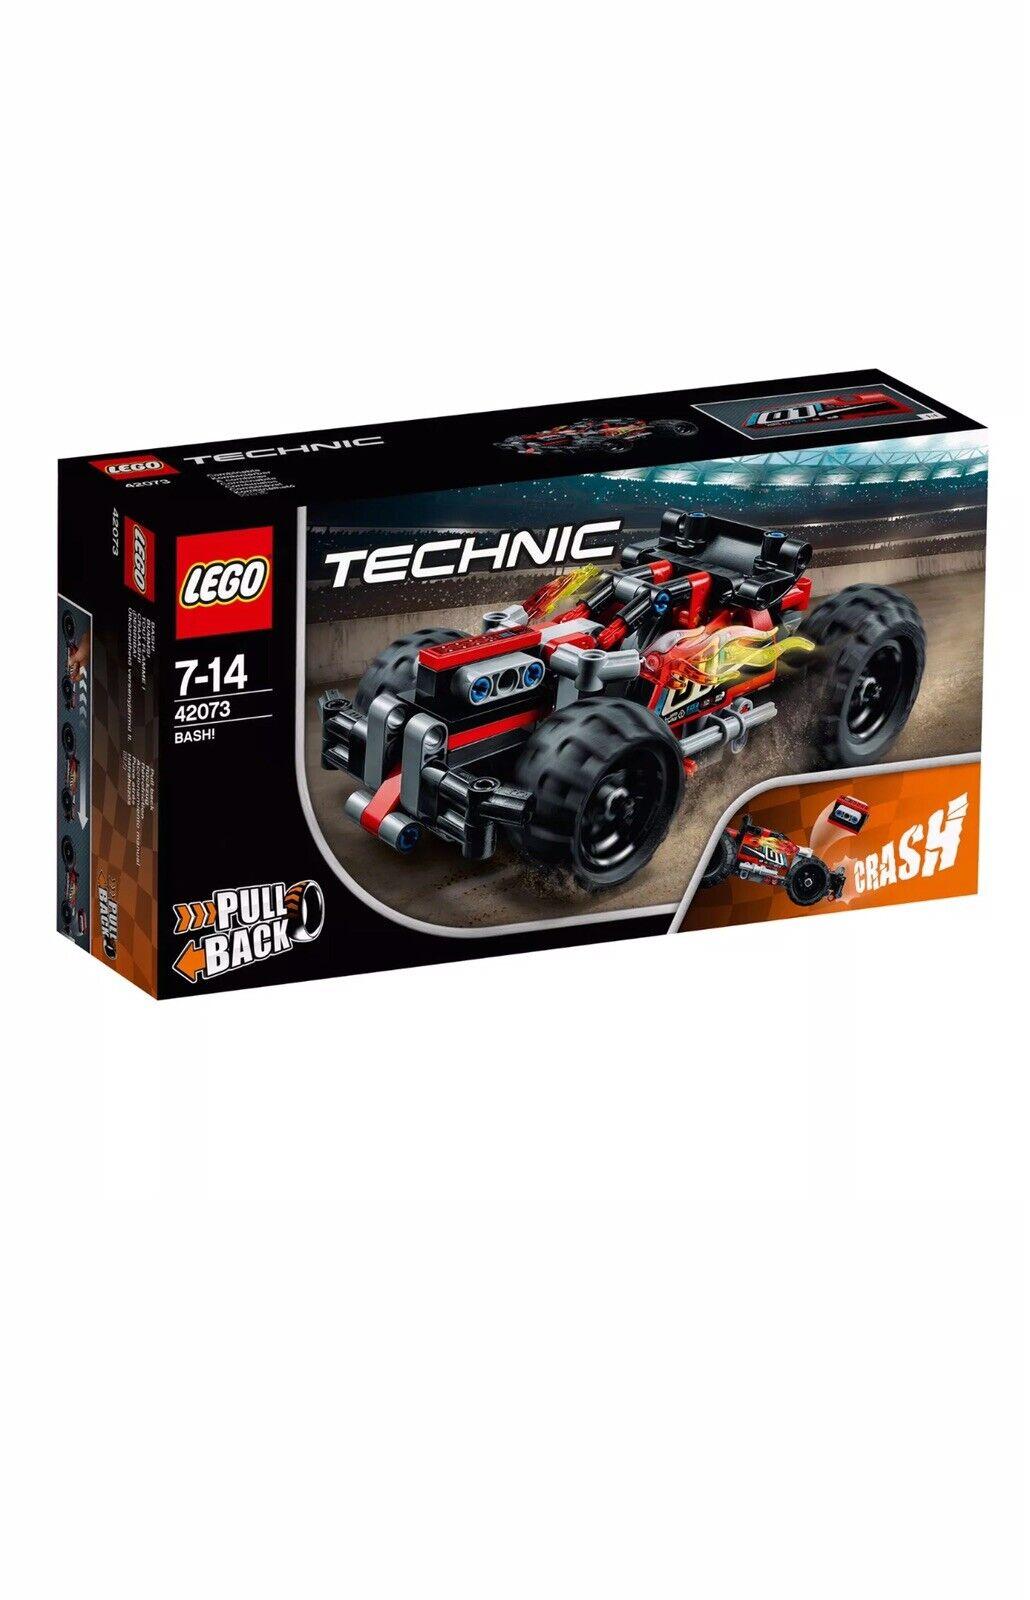 Lego 42073 LEGO Technic Bash